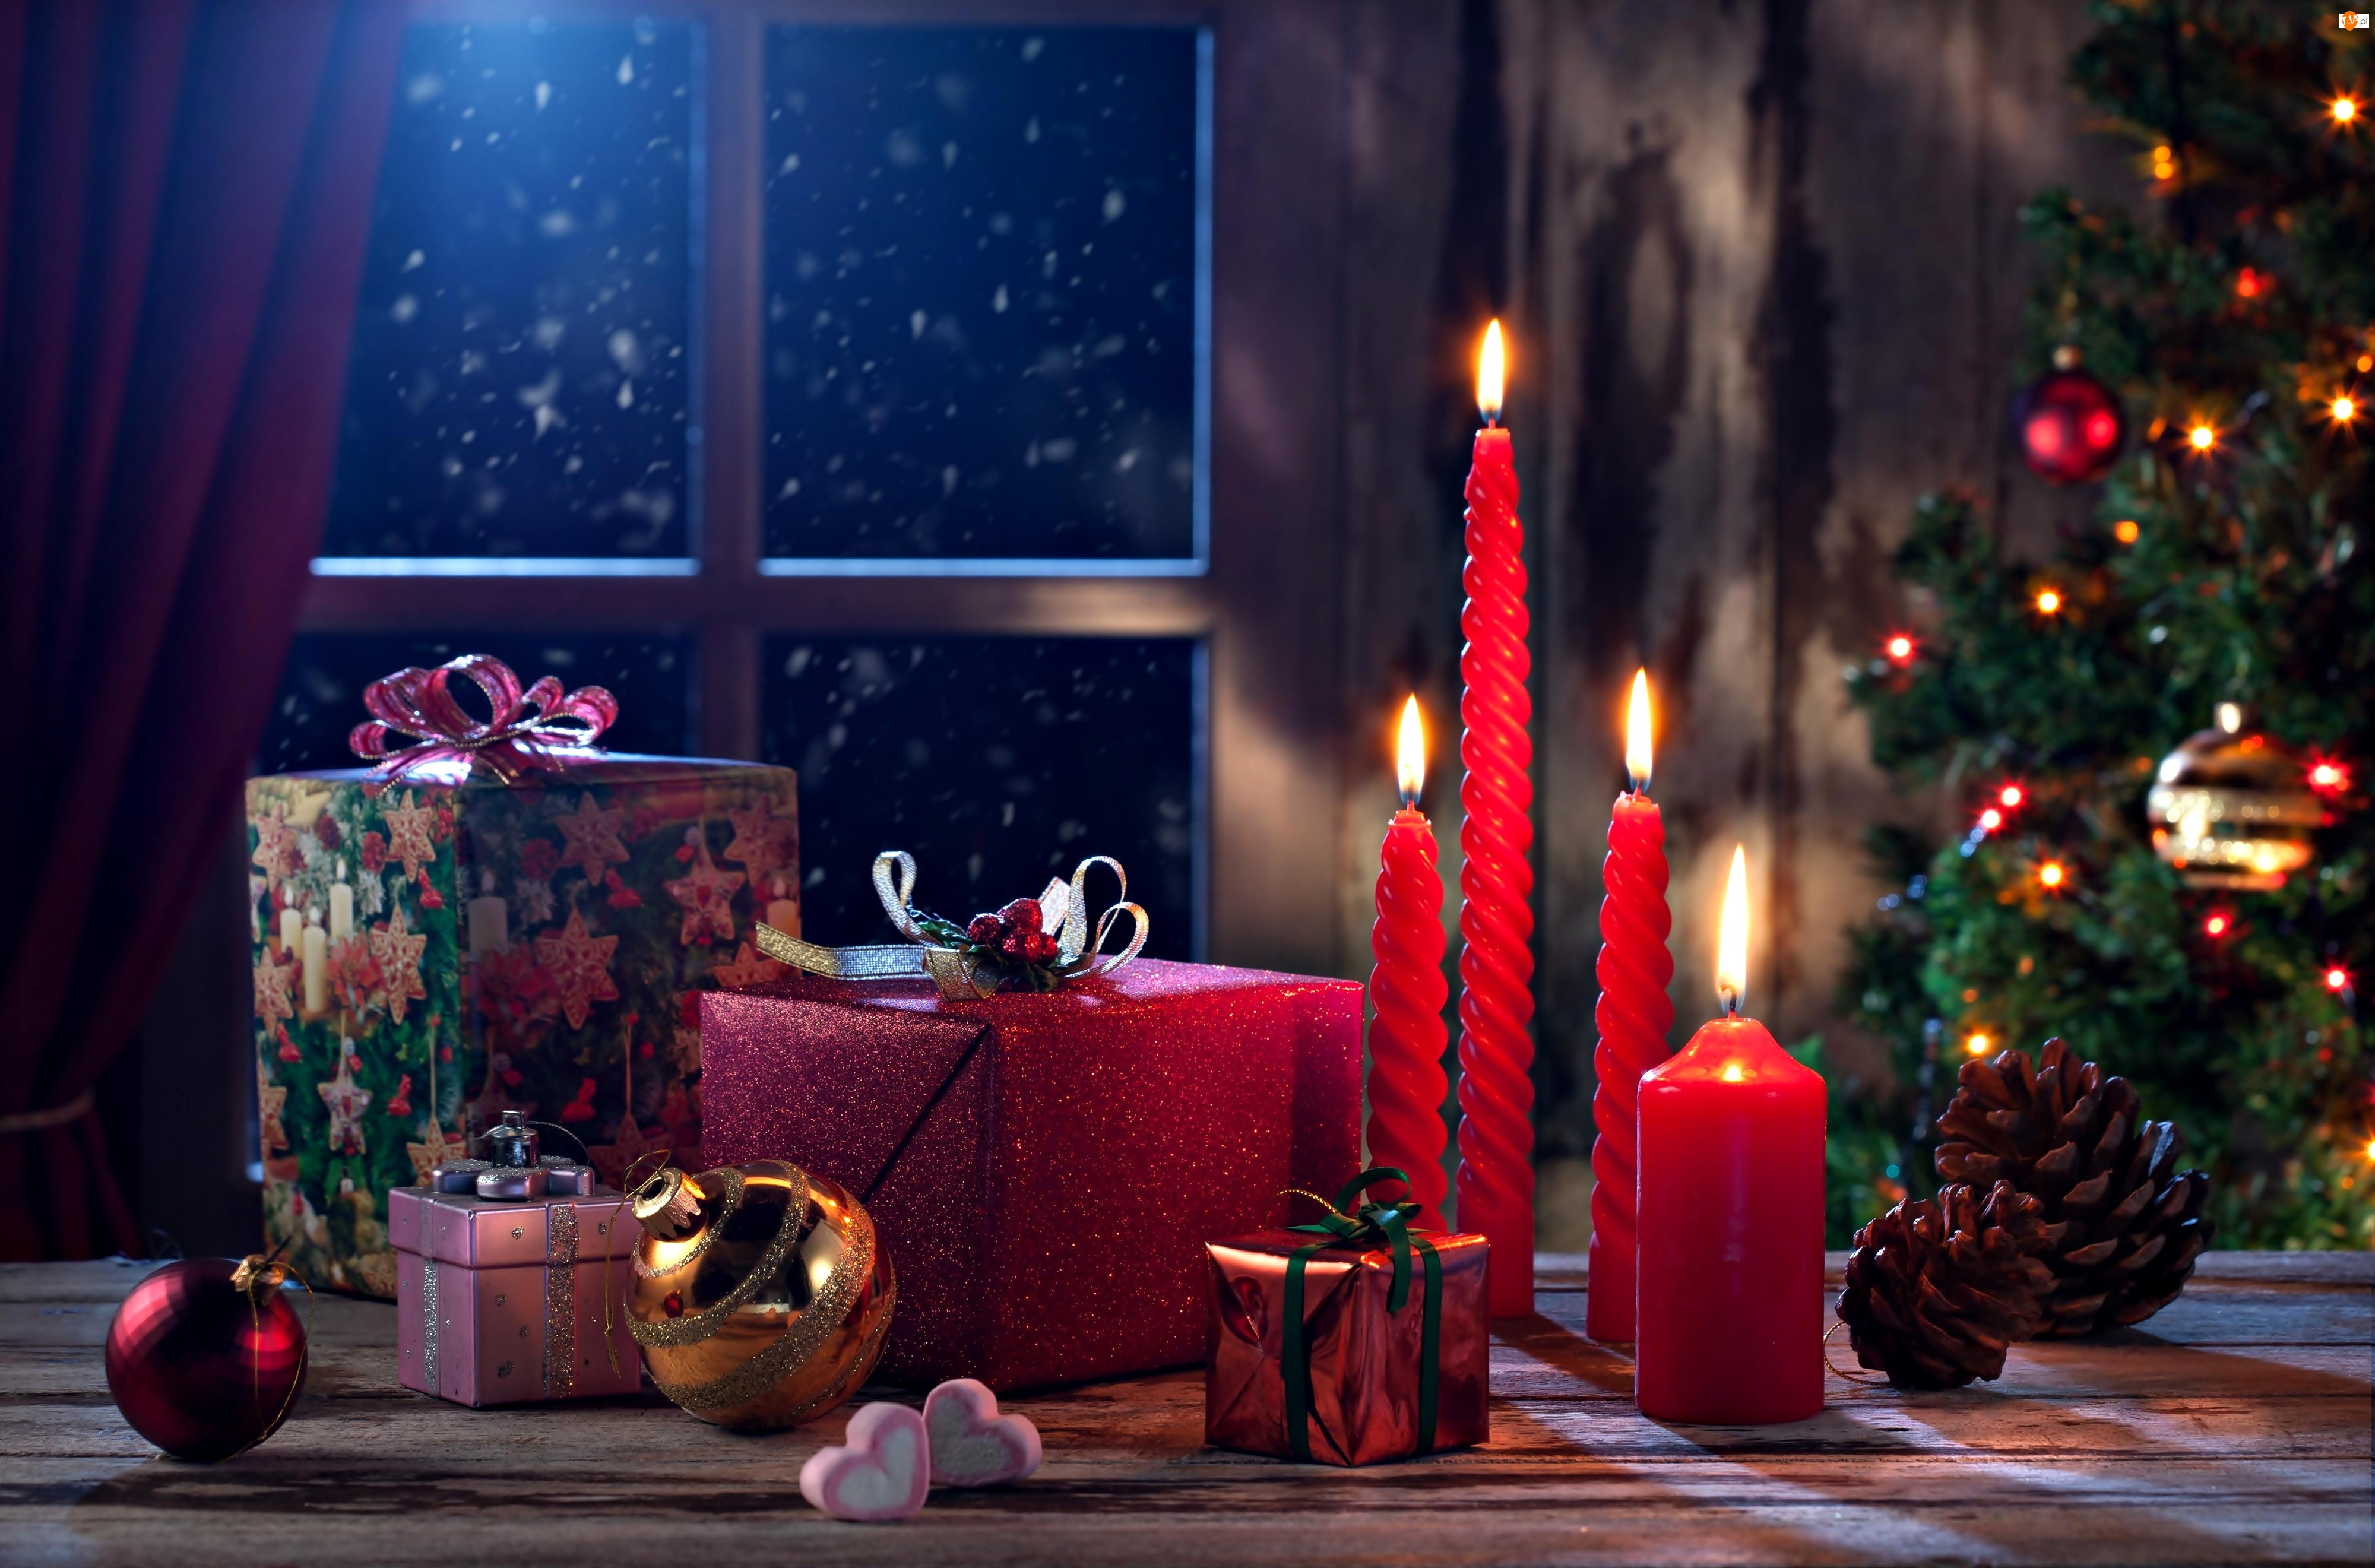 Prezenty, Choinka, Boże Narodzenie, Święta, Świece, Okno